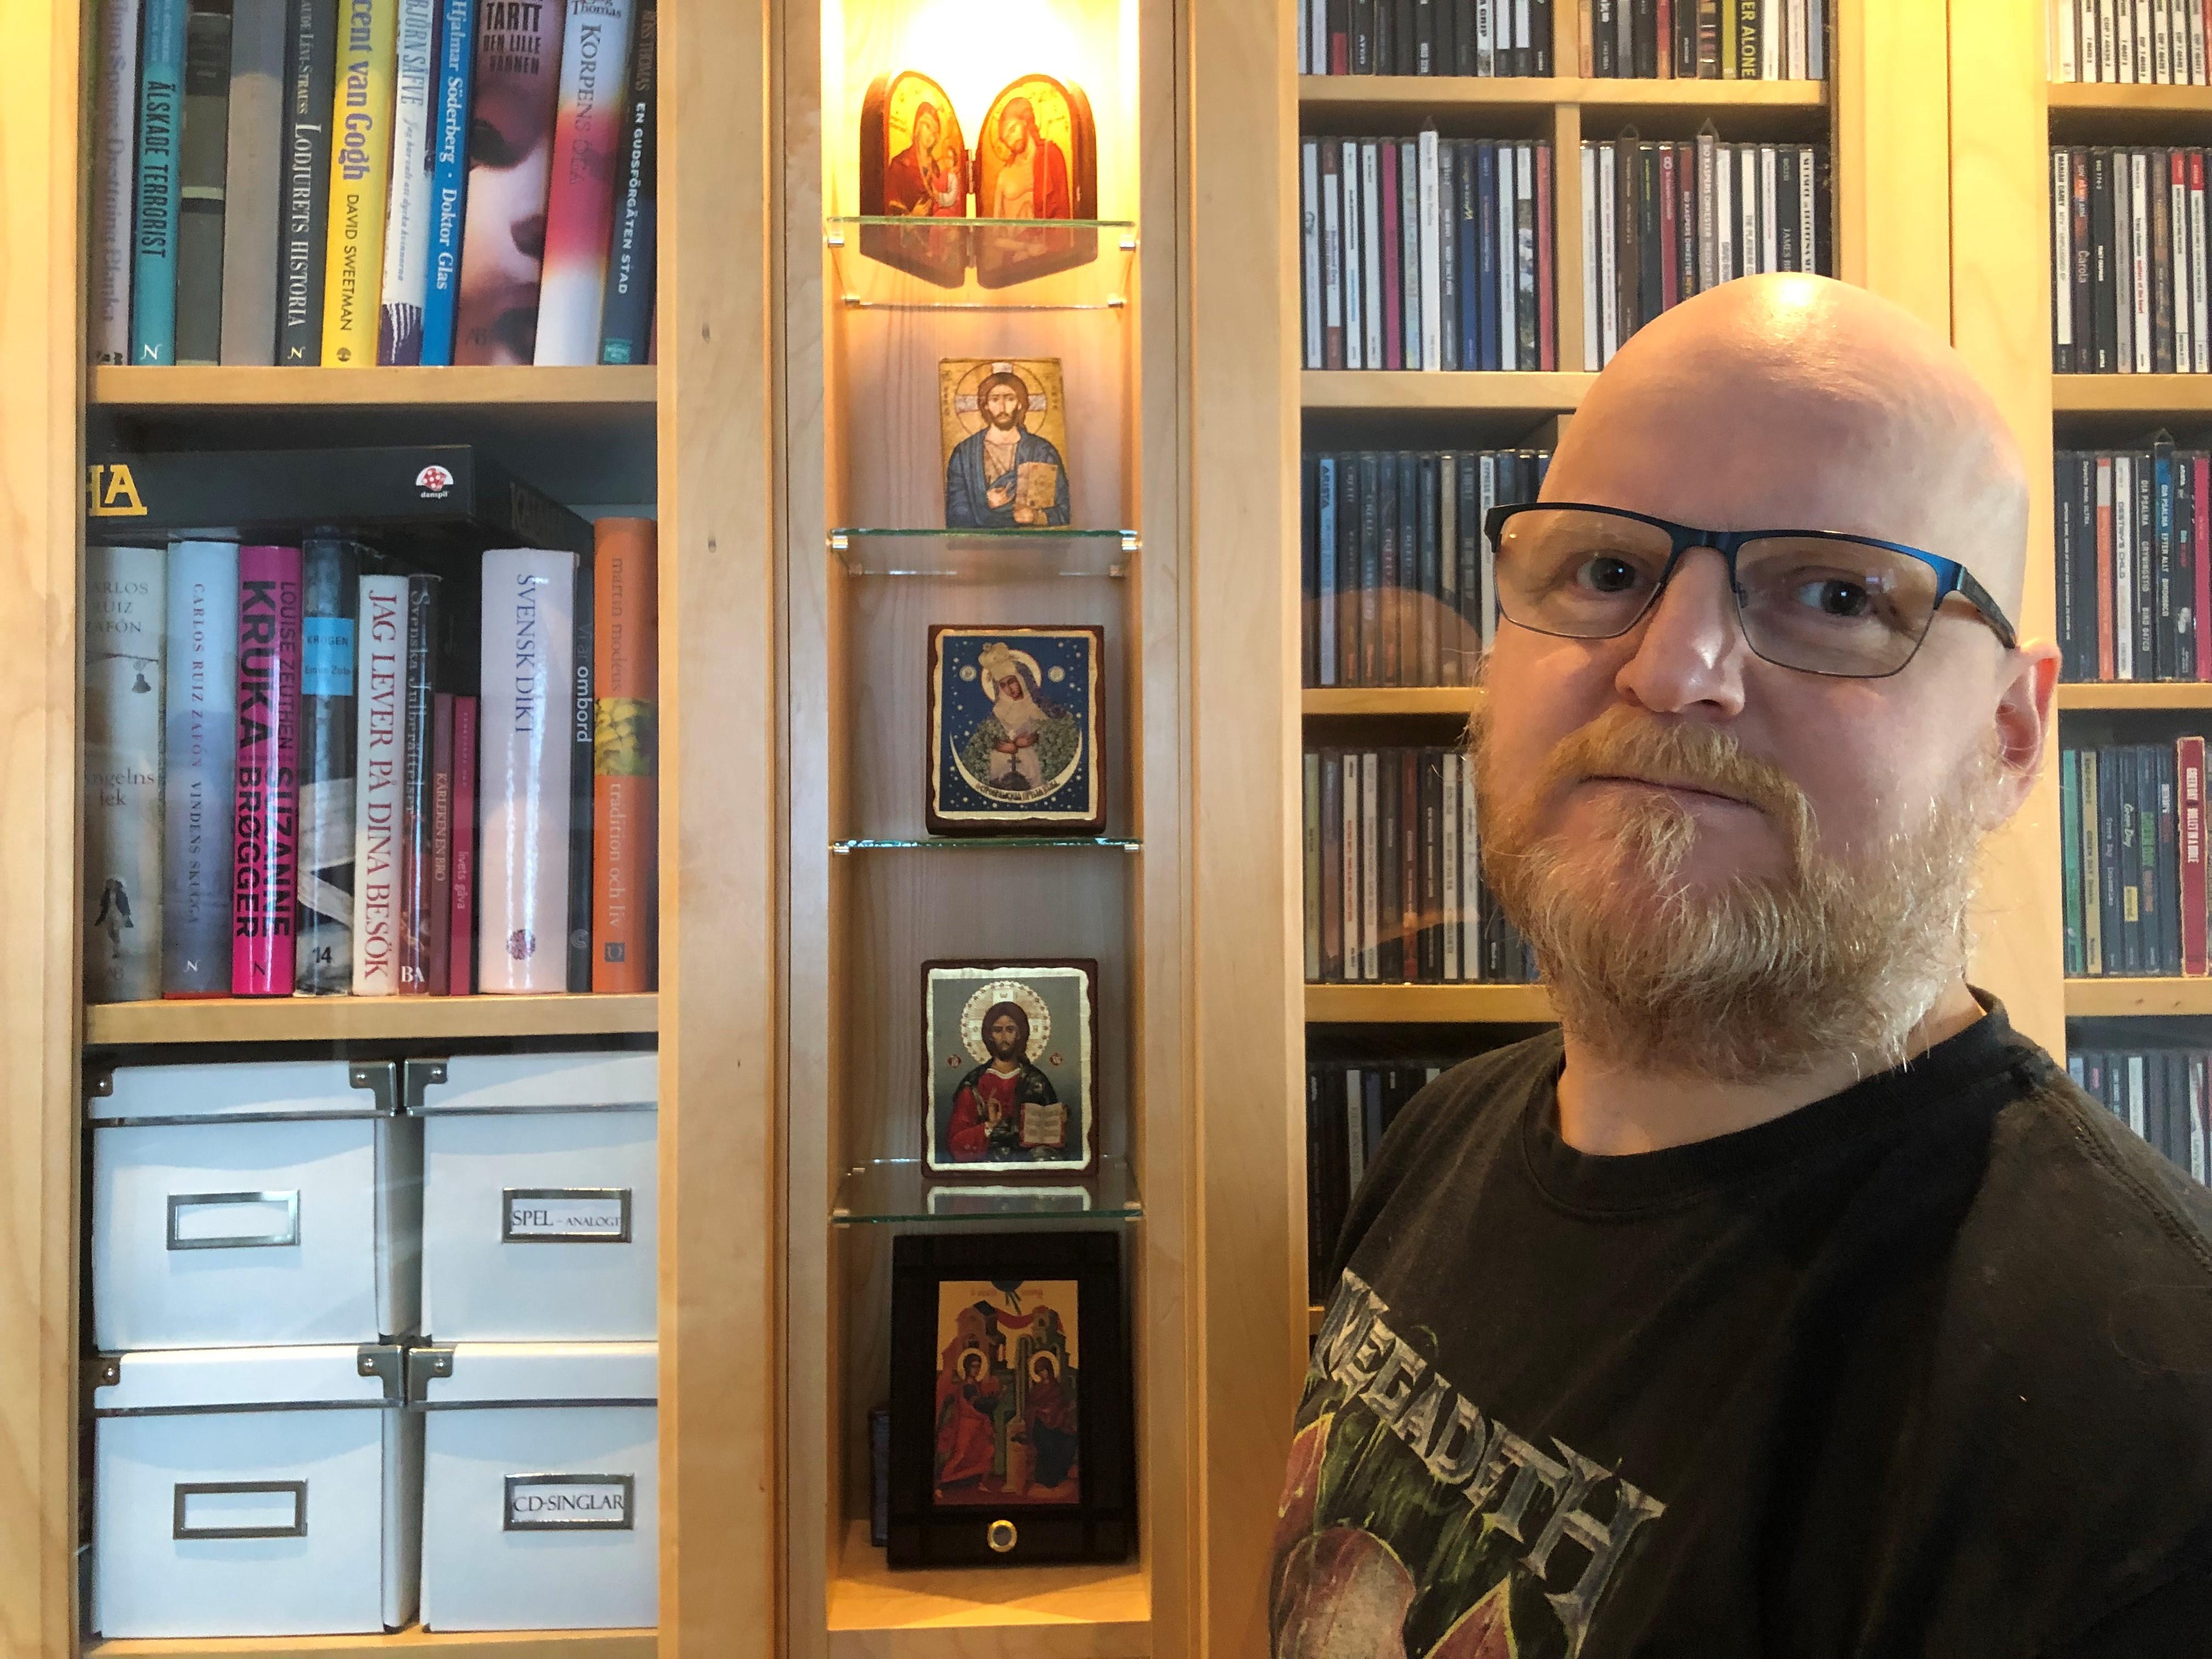 Kenneth har rakat hår och glasögon. Han bär en svart t-shirt. Han står framför sin bokhylla med foton på Jesus